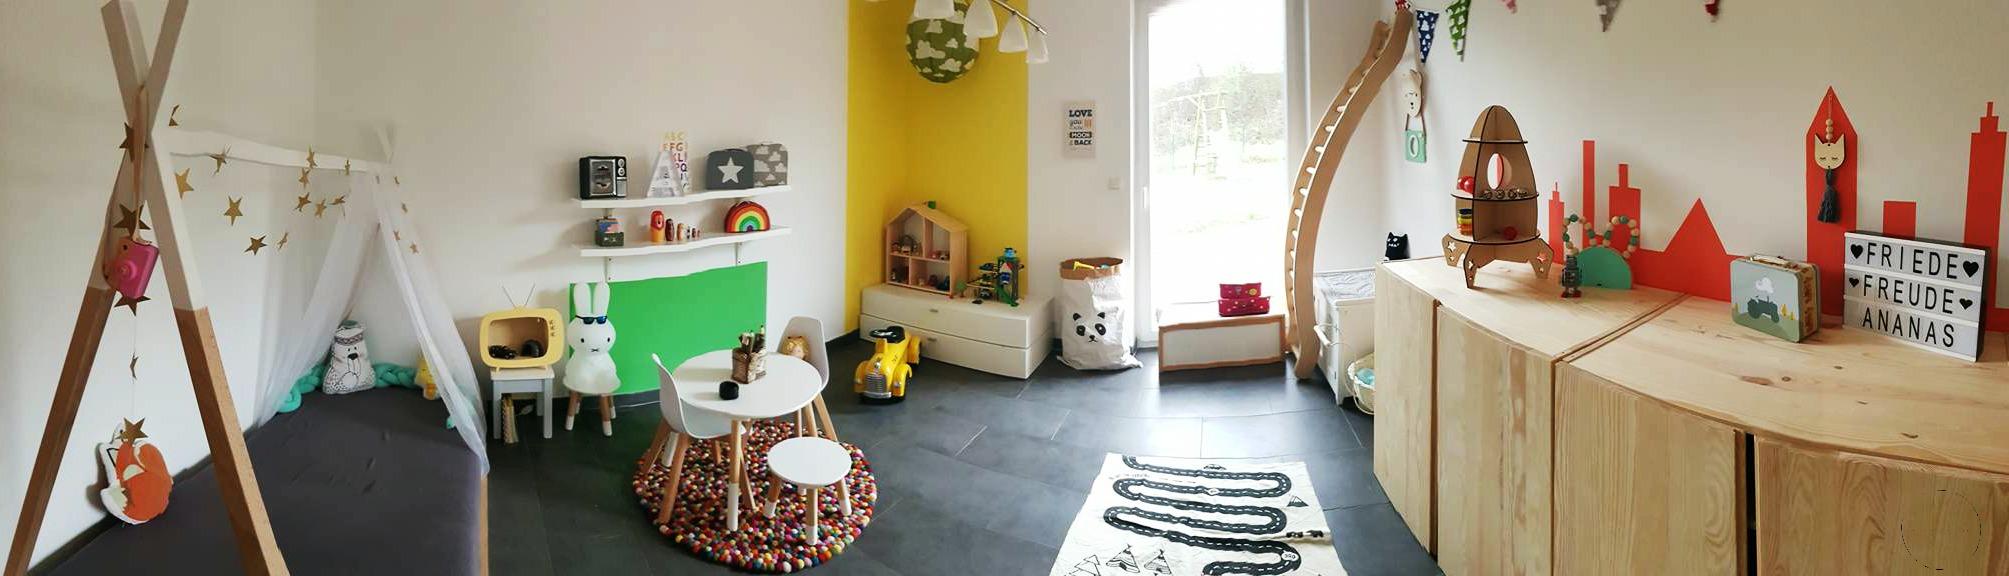 Spiel.- und Kinderzimmer renovieren & einrichten / Tipps gegen das Chaos